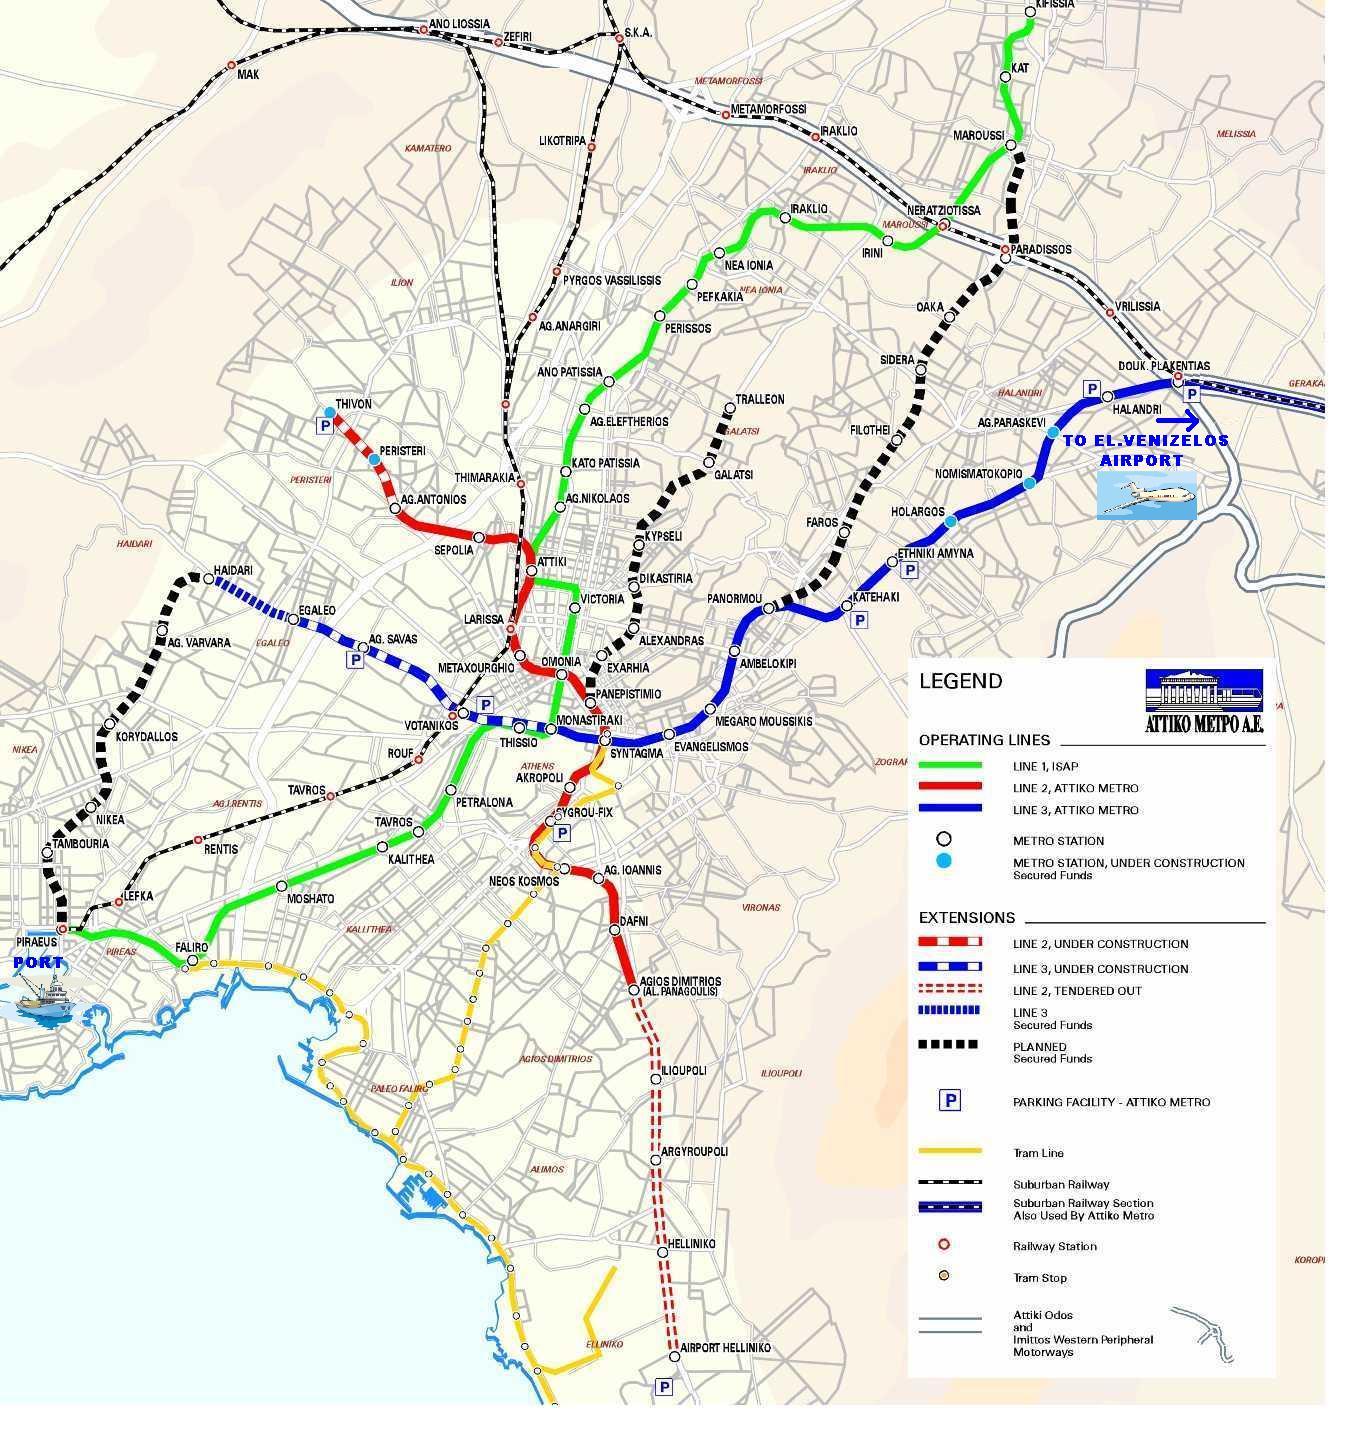 Harta Metrou Atena Harta